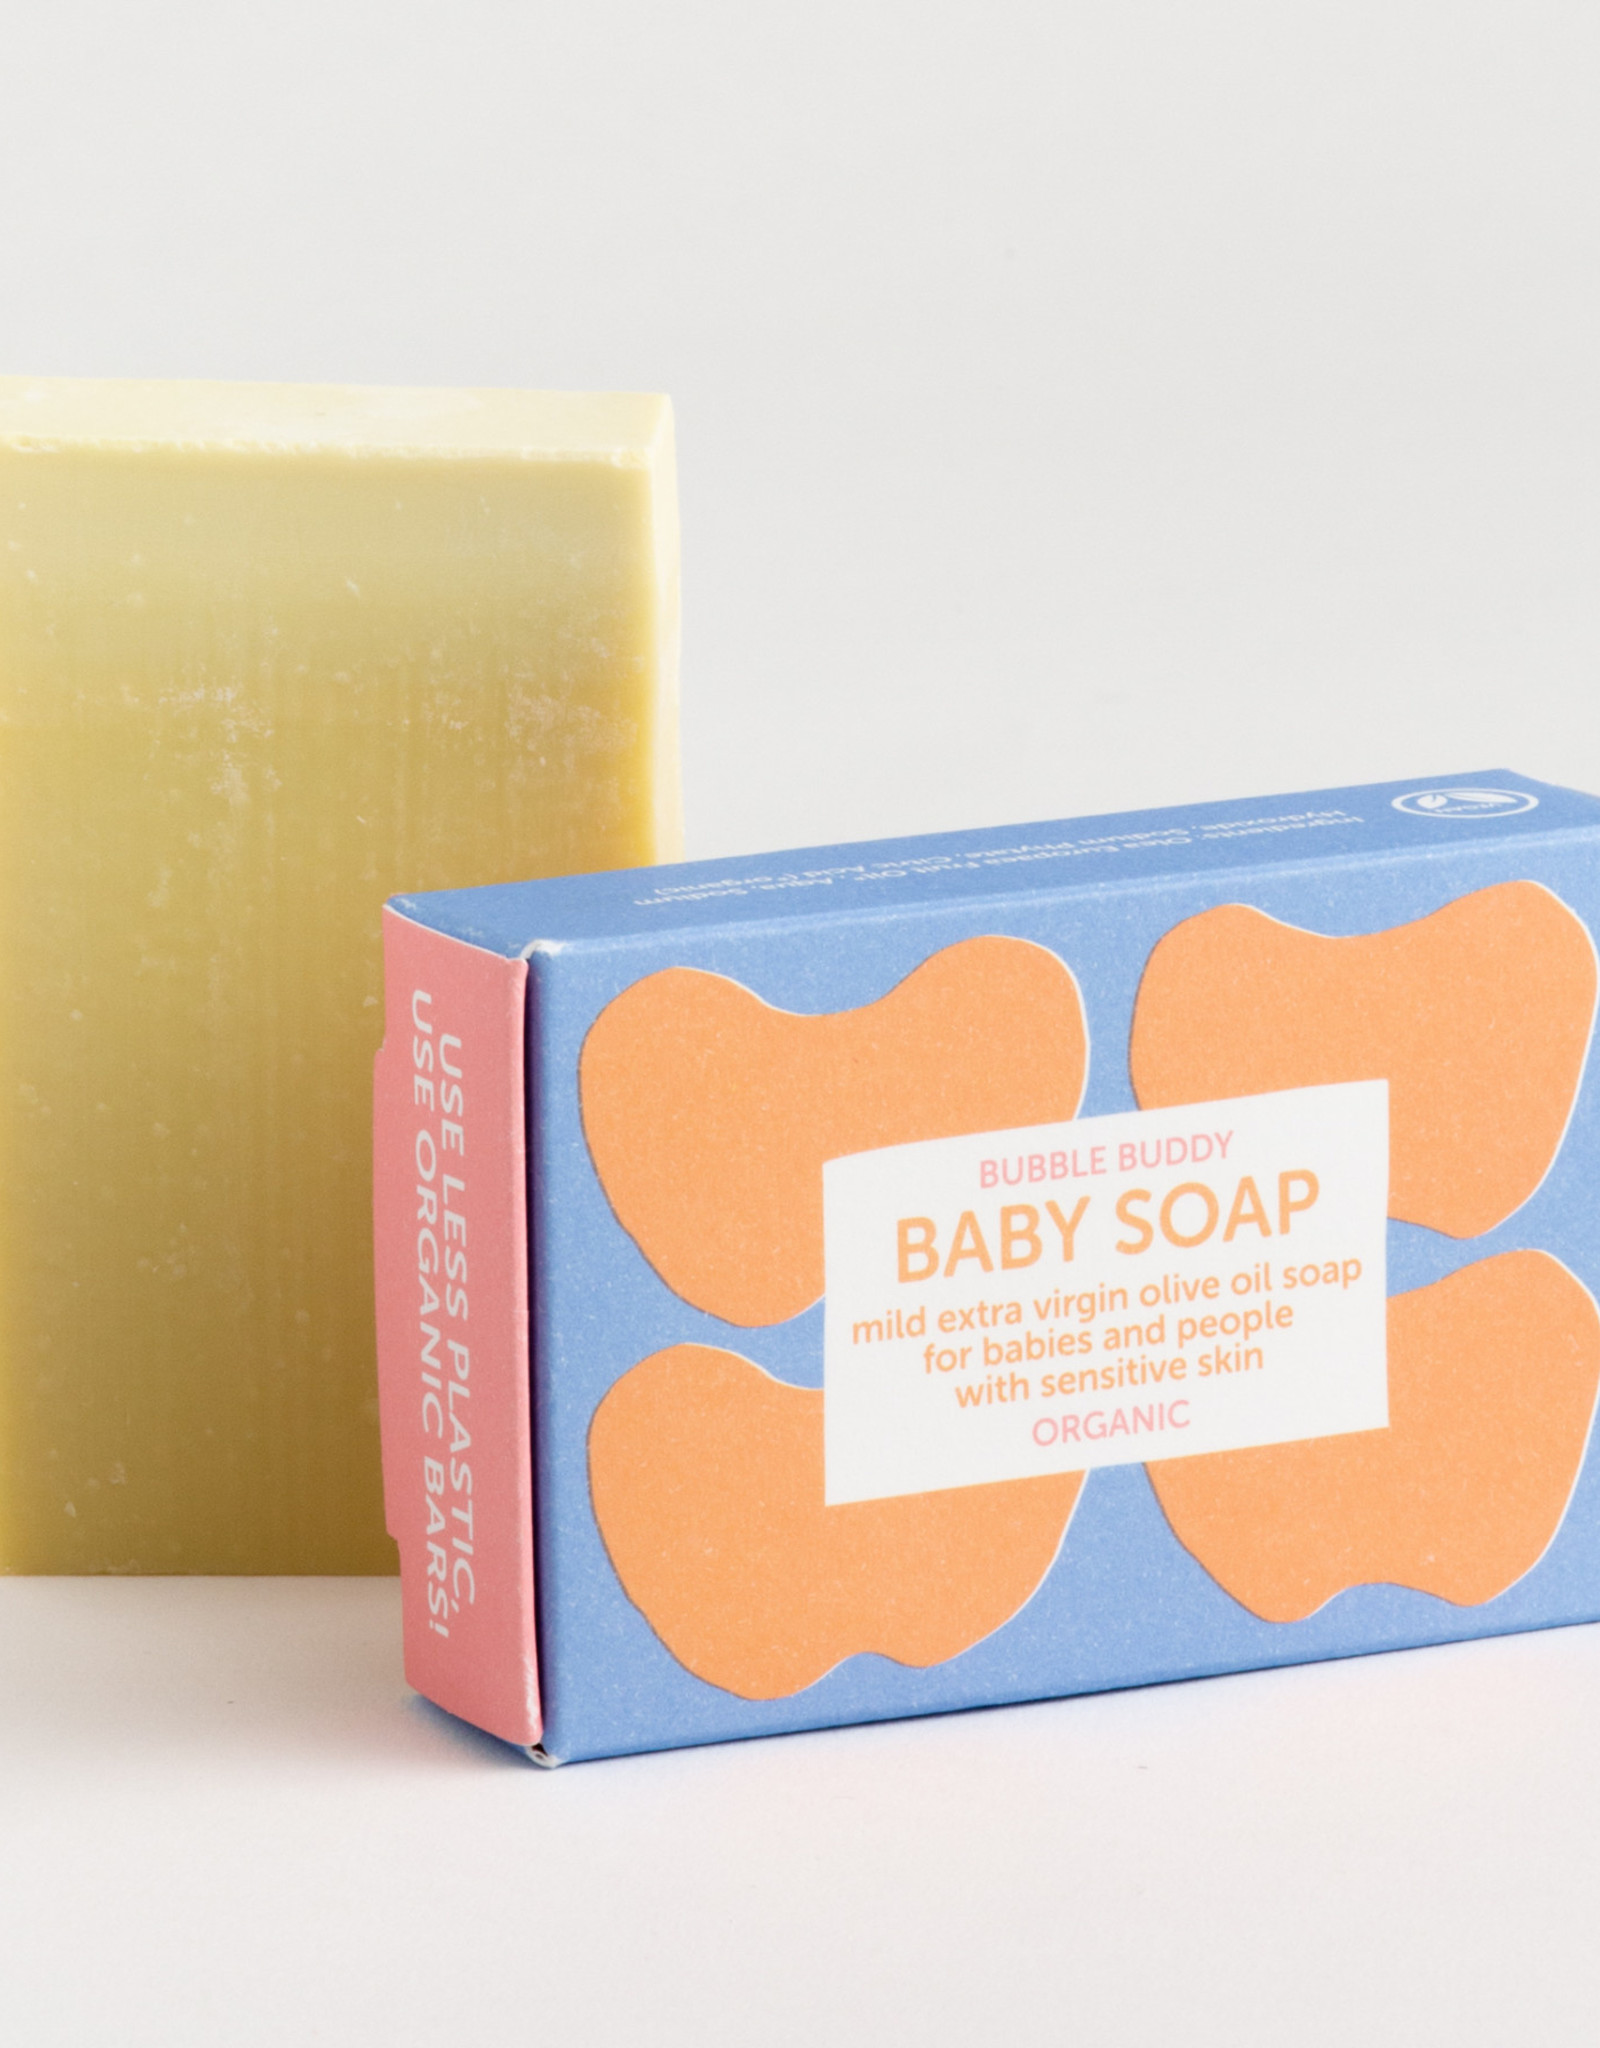 Foekje Fleur organic baby soap